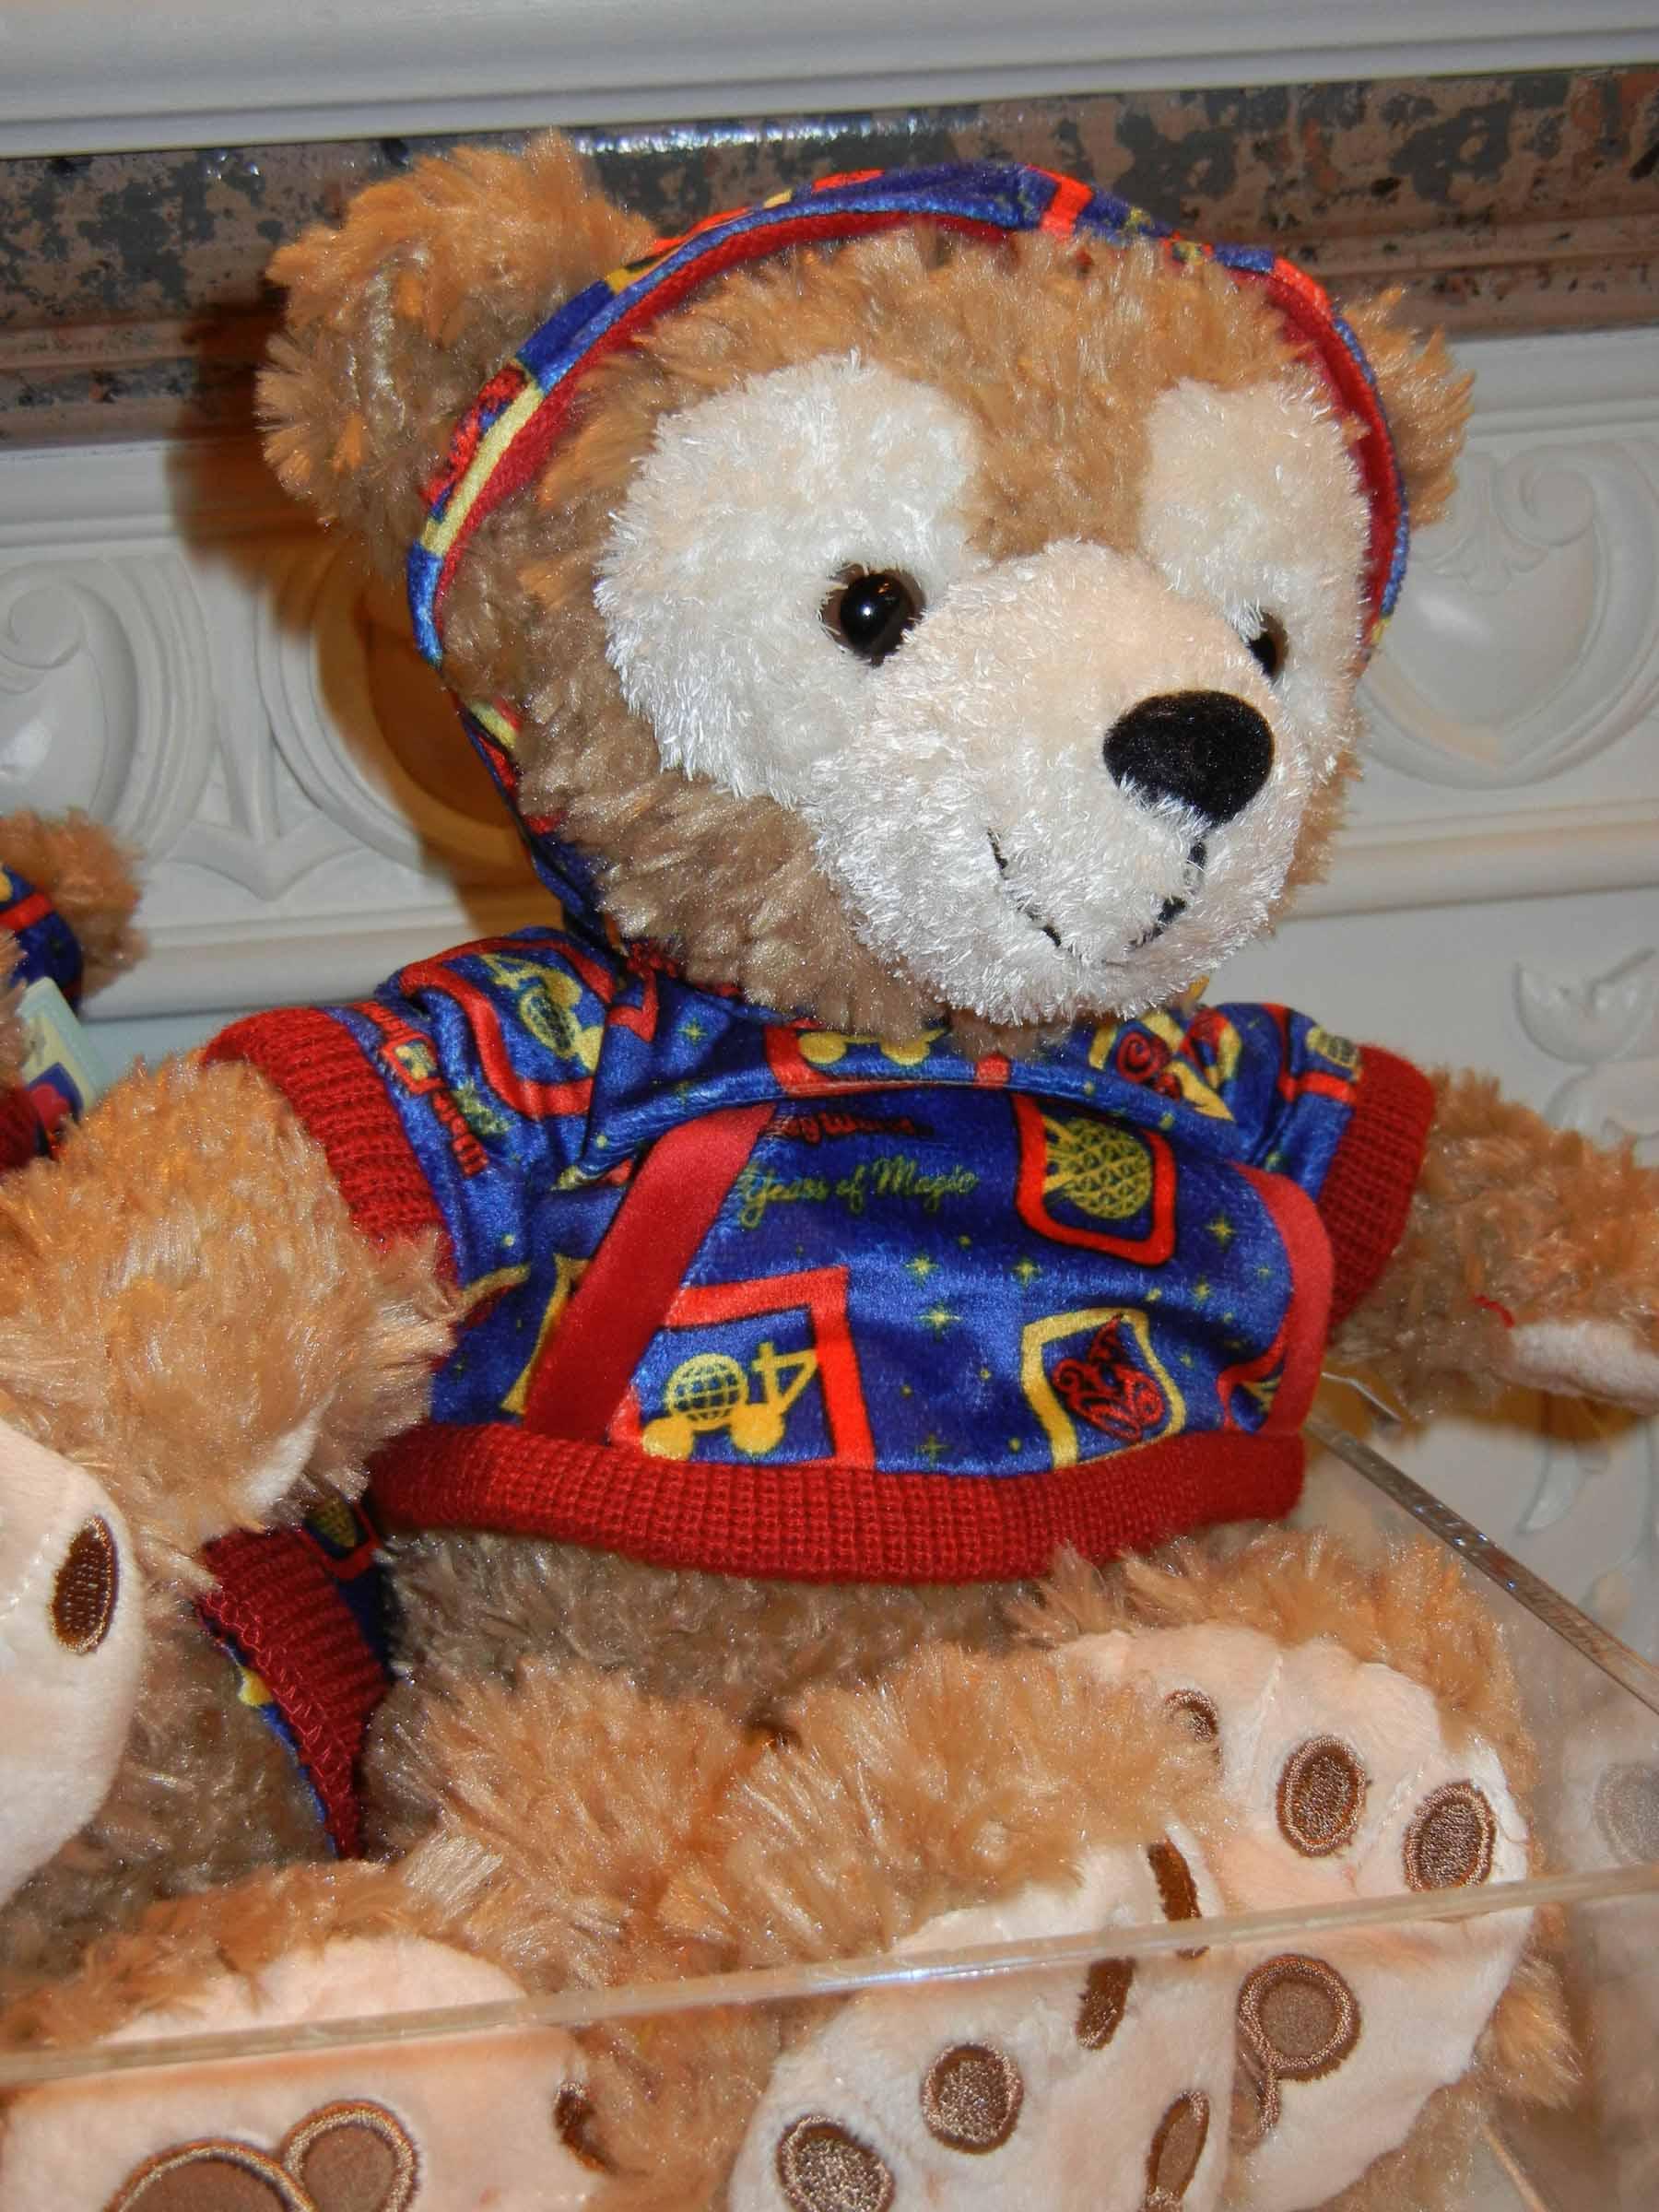 Even Duffy celebrates the 40th anniversary!